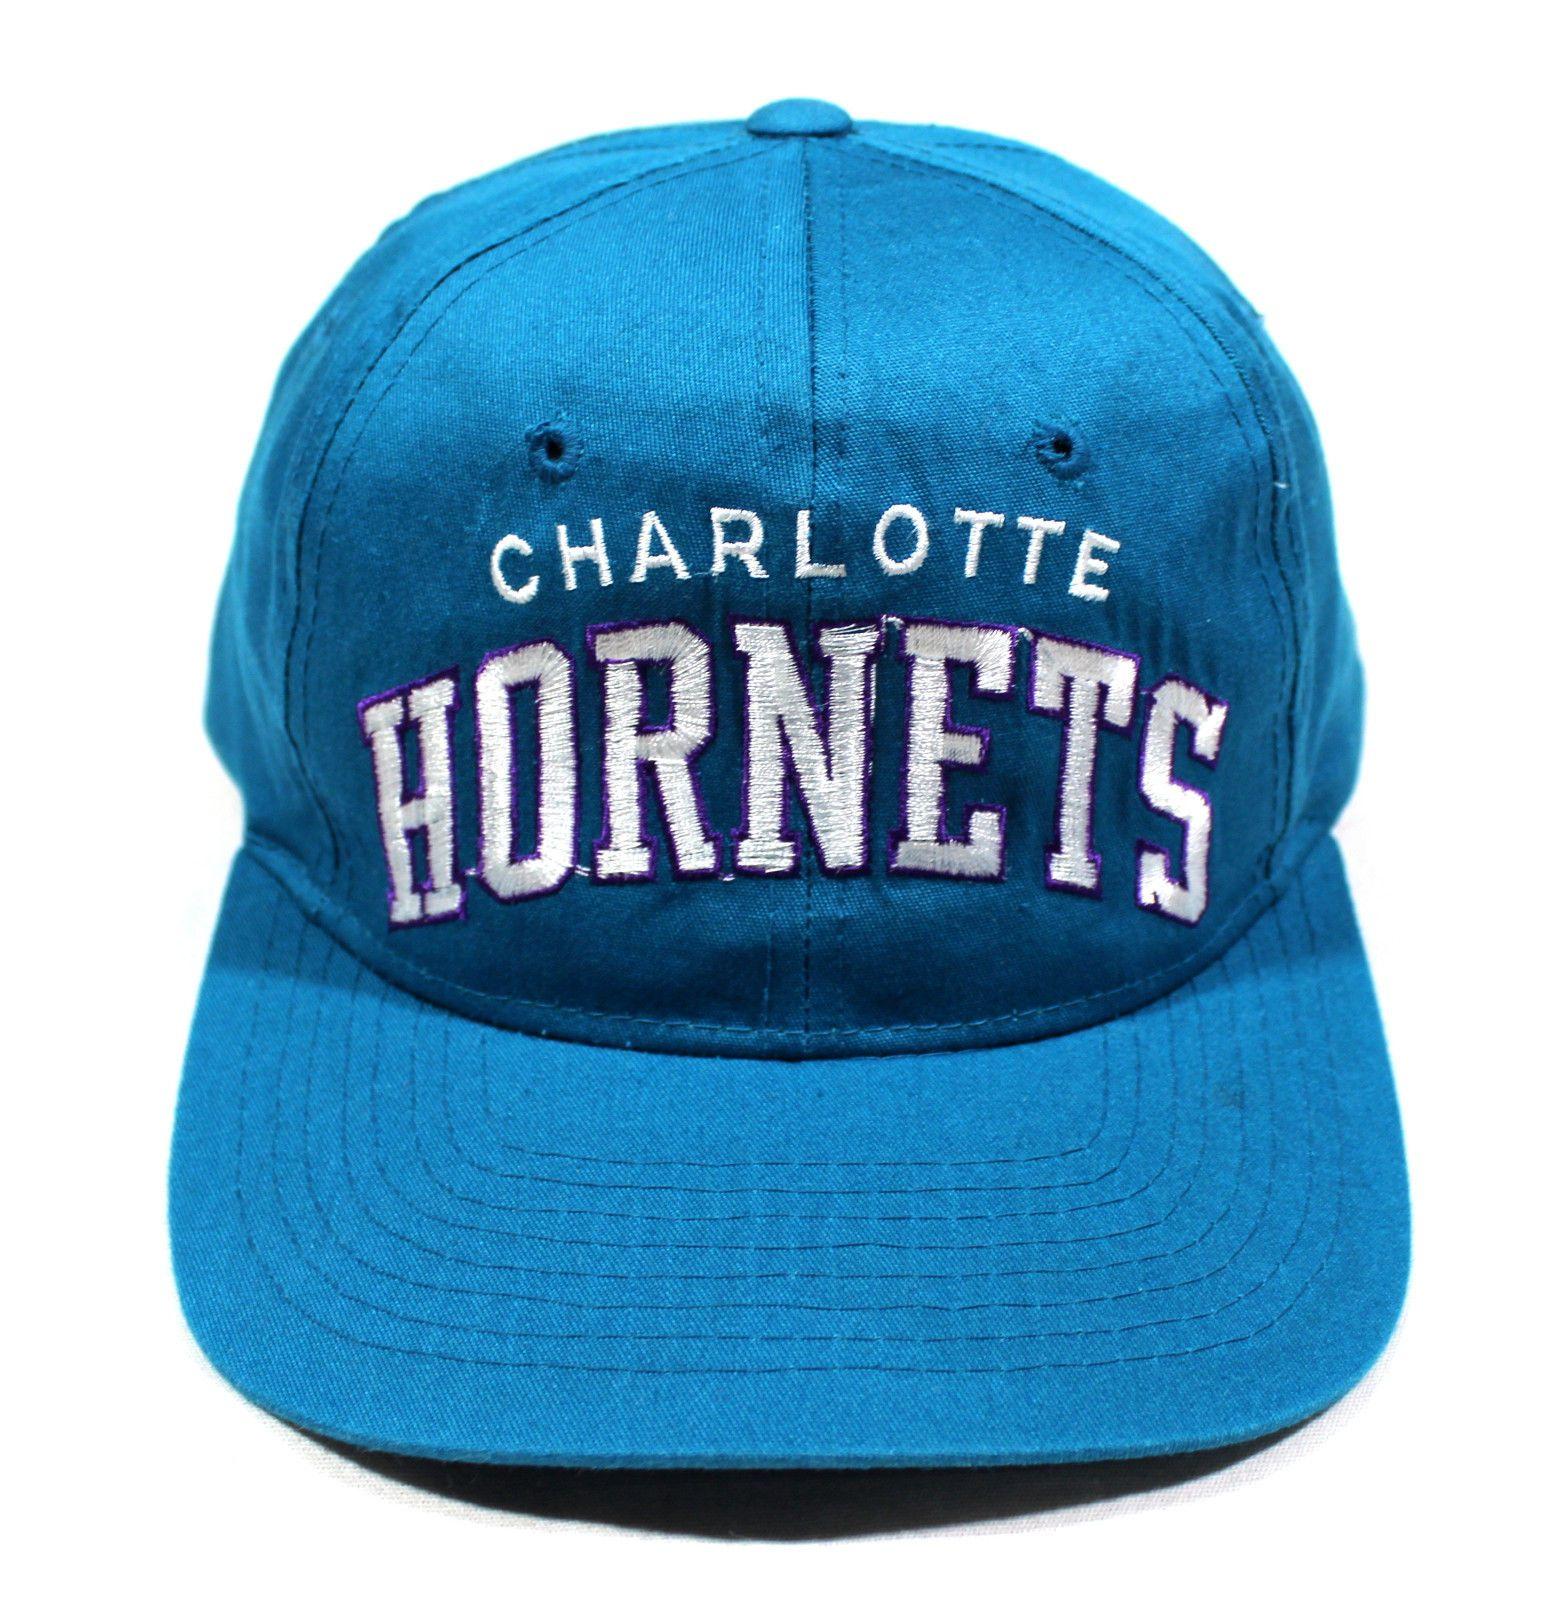 1a0b688b0a229 90s Vtg Charlotte Hornets Starter Arch OG Snapback Hat NBA Cap Mourning  Bogues